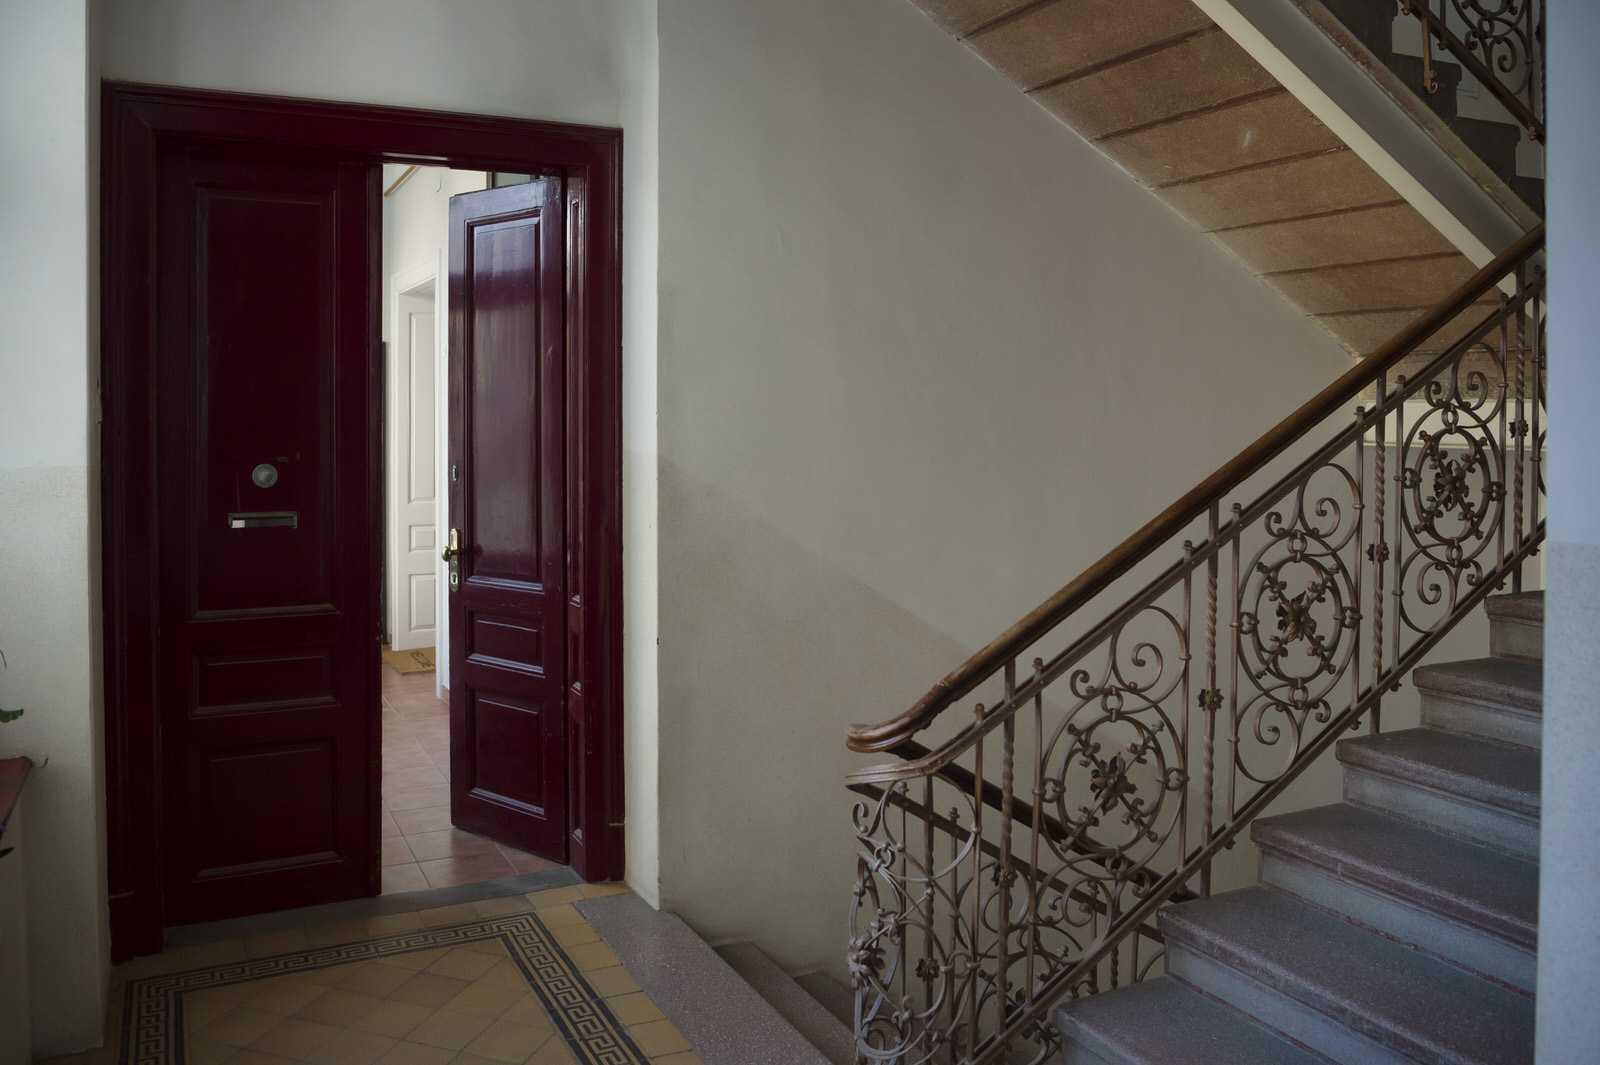 Ljubljana rental apartment features double-wide, dark red doors